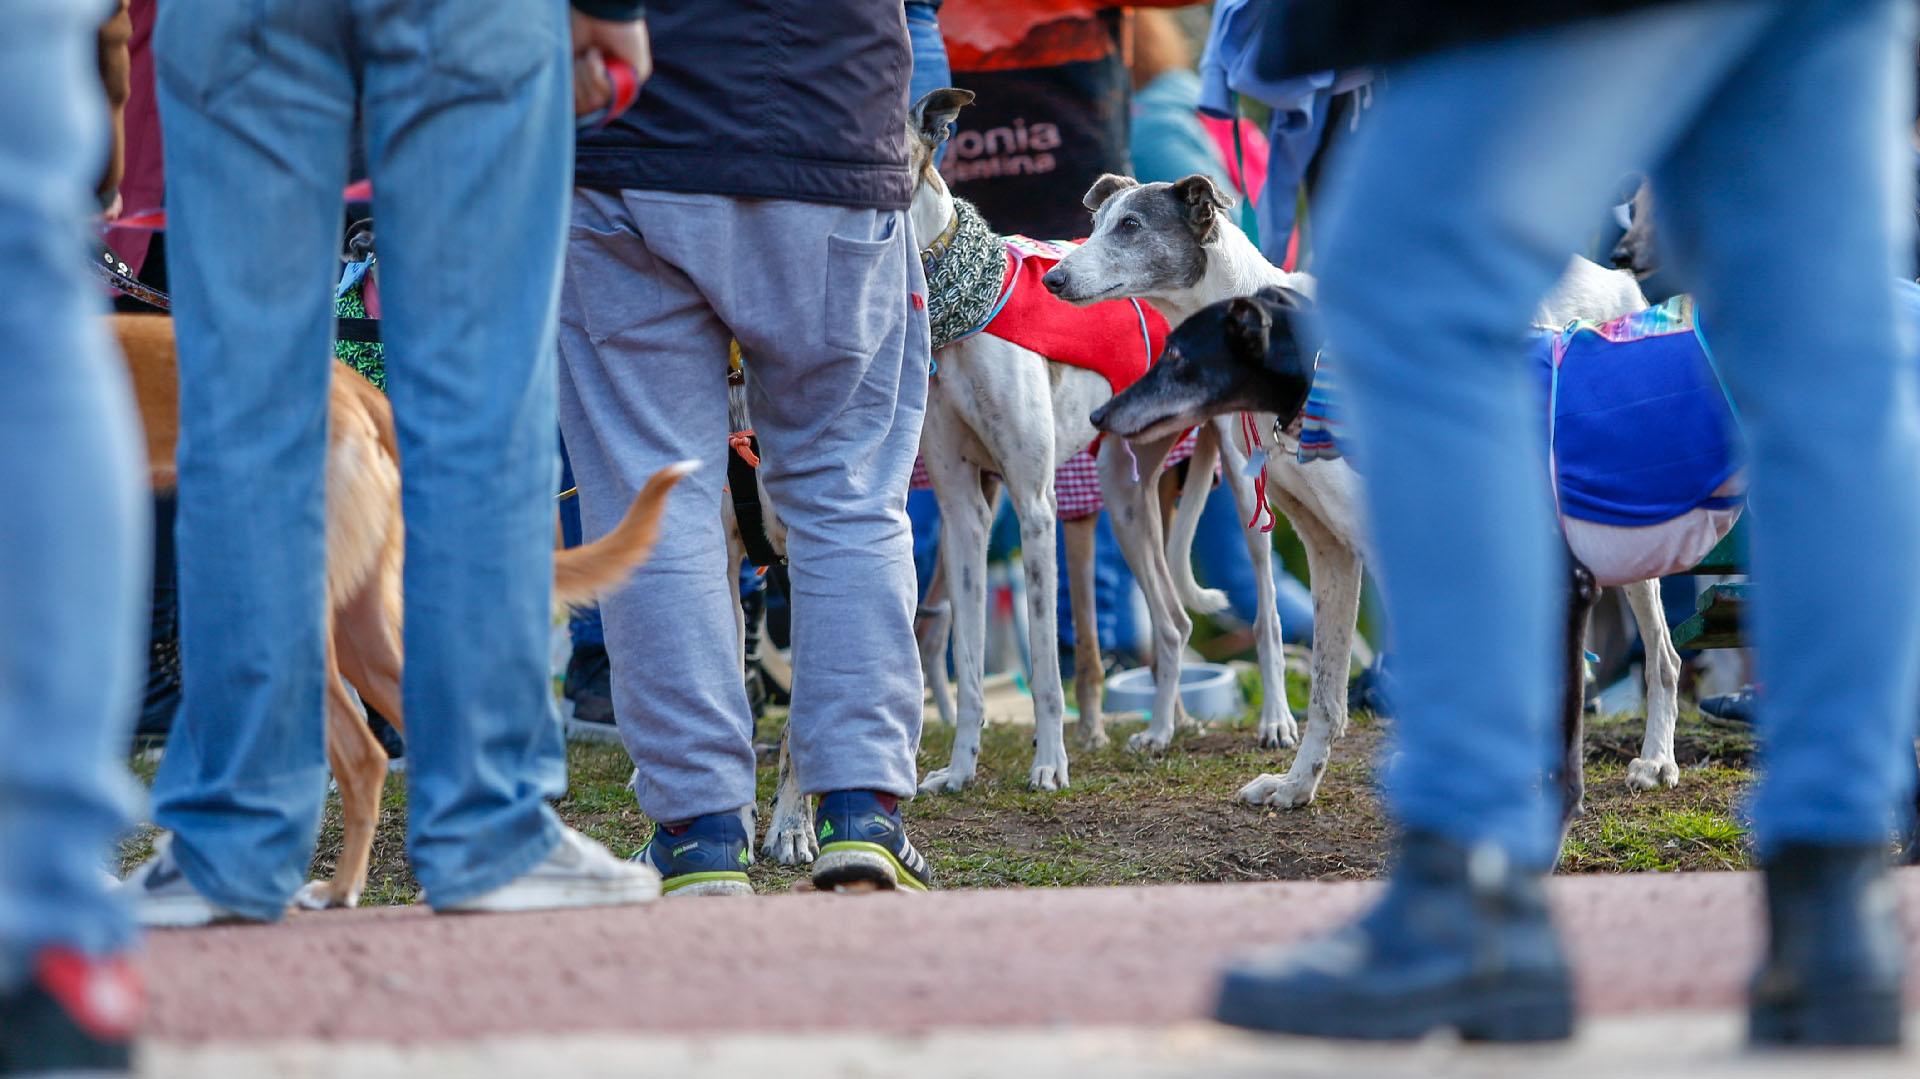 """El presidente Mauricio Macri se manifestó a favor de la iniciativa para """"terminar con las carreras de galgos en todo el país, para evitar que se siga lucrando con el sufrimiento de los animales""""."""